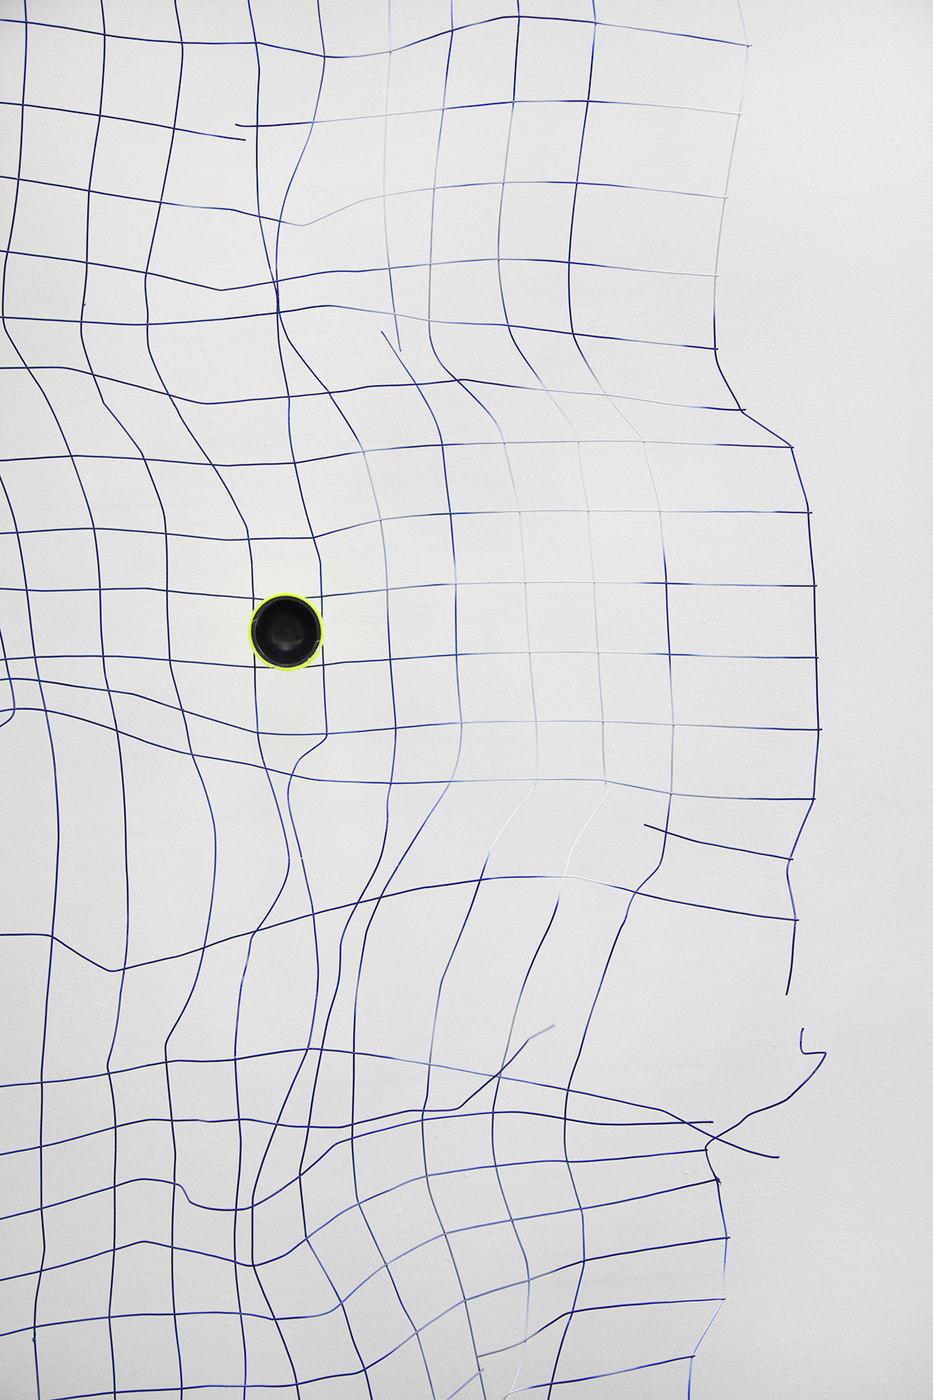 07-Topographic mesh04